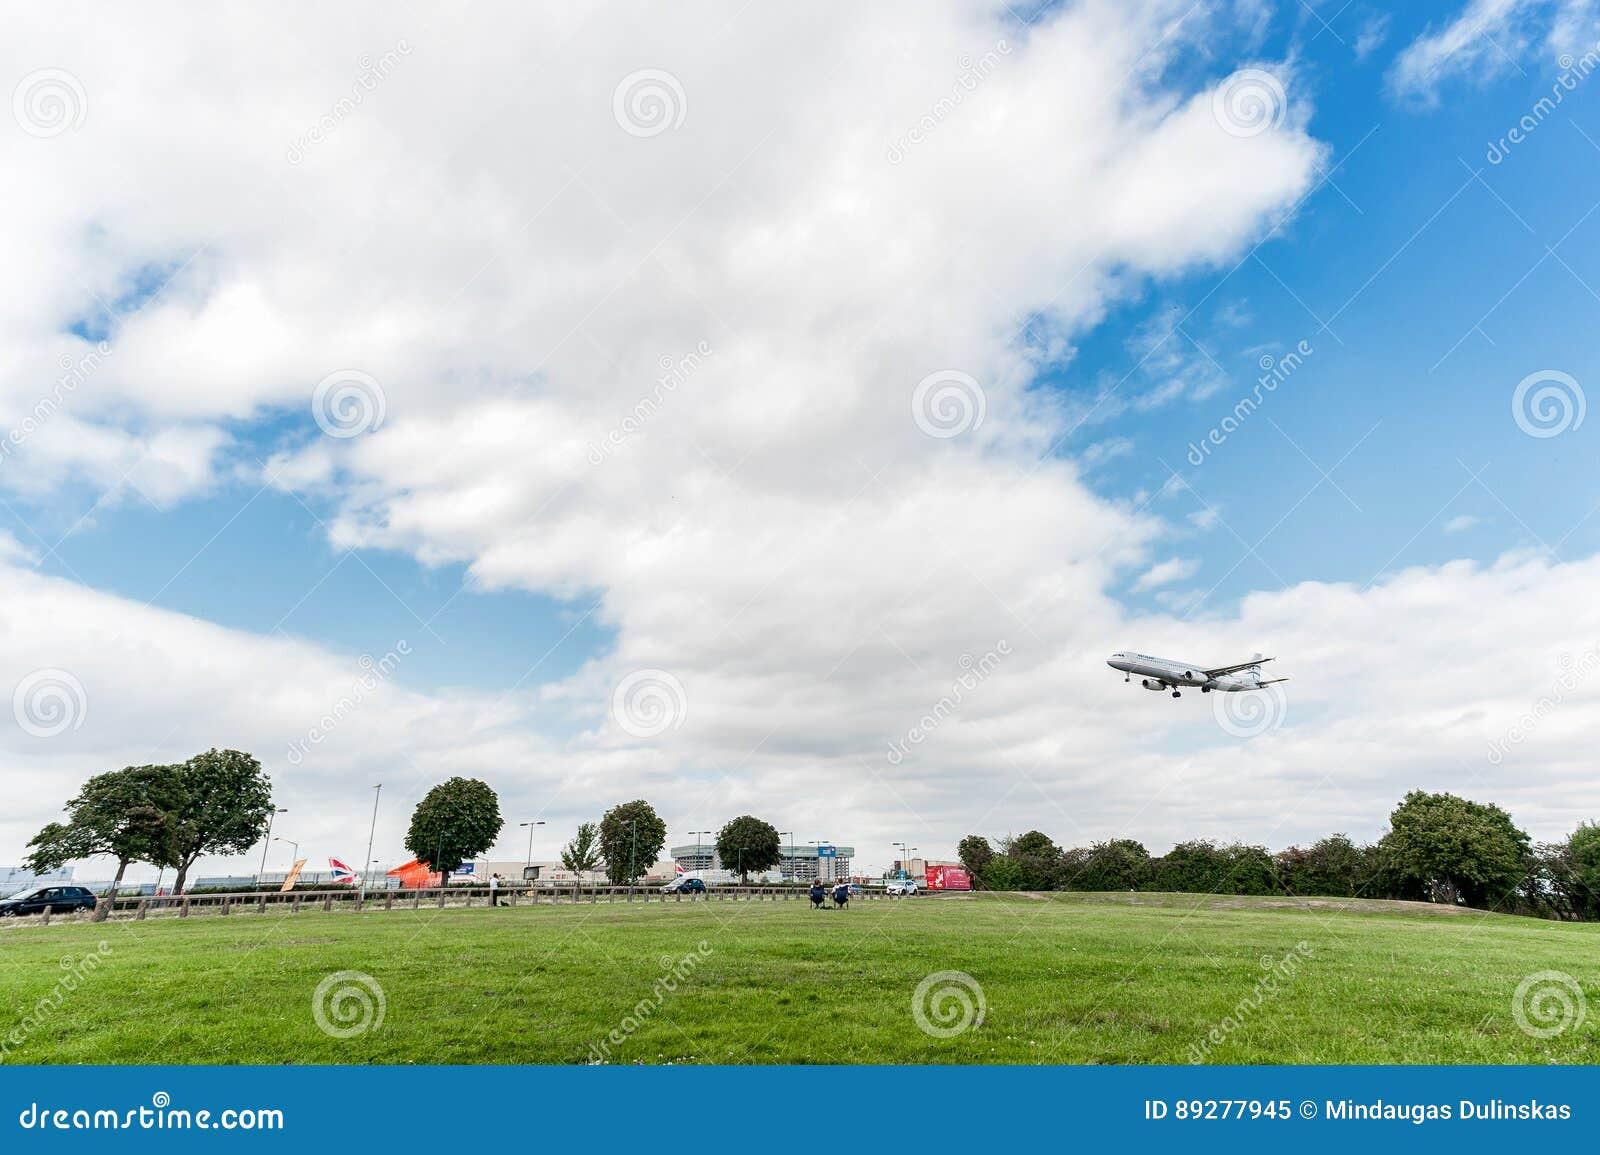 LONDRA, INGHILTERRA - 22 AGOSTO 2016: Atterraggio di SX-DGT Aegean Airlines Airbus A321 nell aeroporto di Heathrow, Londra